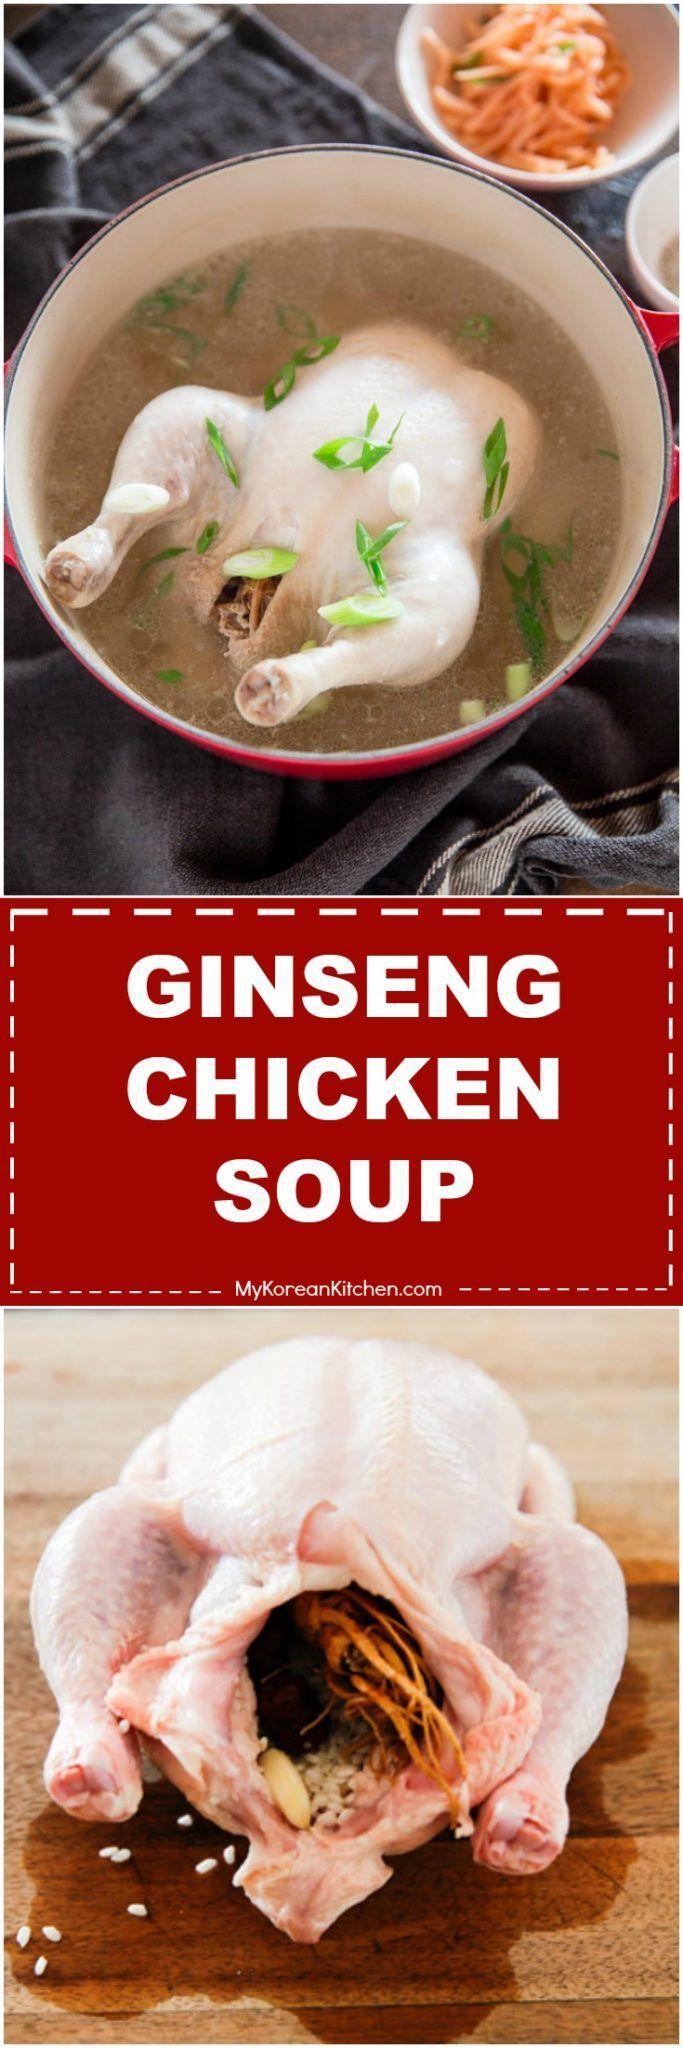 Korean Summer Stamina Food - Samgyetang (Korean Ginseng Chicken Soup) Recipe   MyKoreanKitchen.com via @mykoreankitchen